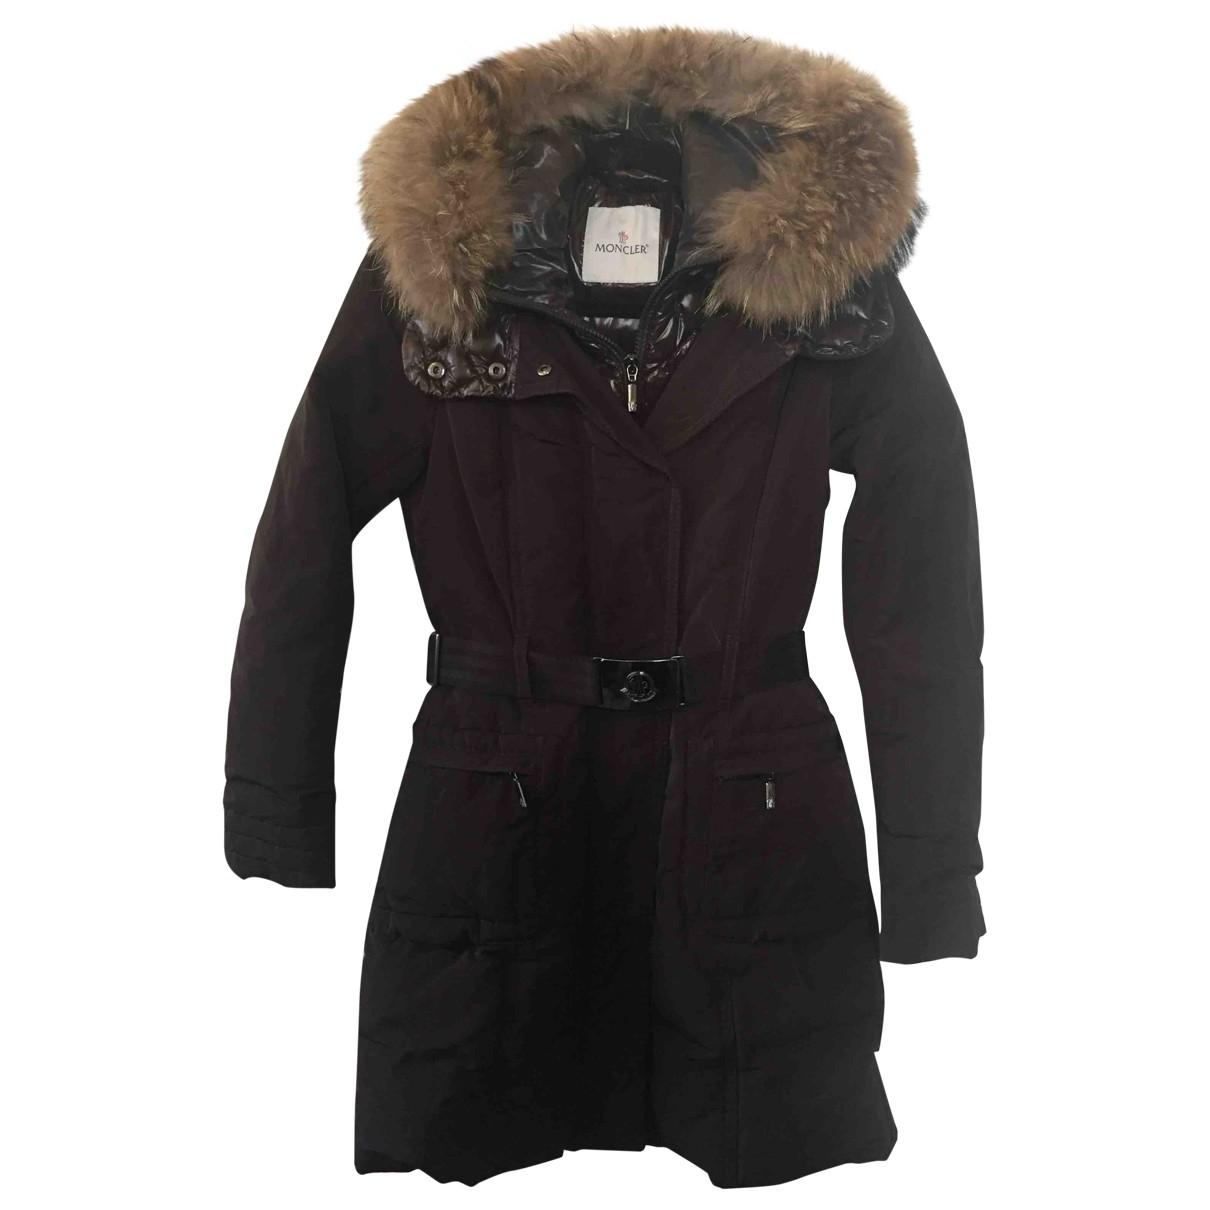 Moncler - Manteau Fur Hood pour femme - marron